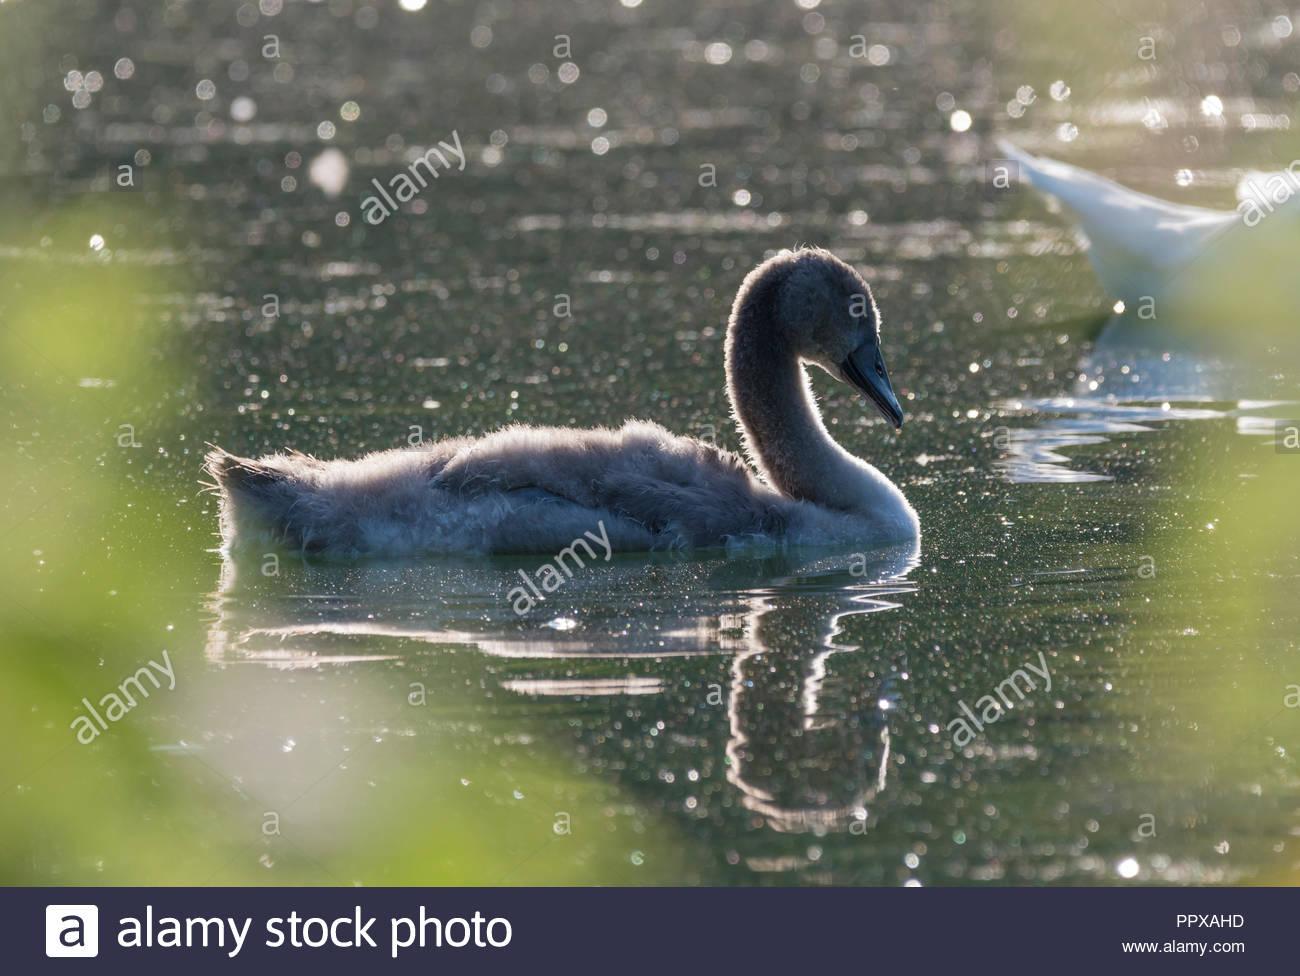 Bianco Cigno Cygnet (Cygnus olor) nuotare in un lago in inizio di mattina di sole luminoso nel West Sussex, in Inghilterra, Regno Unito. Immagini Stock